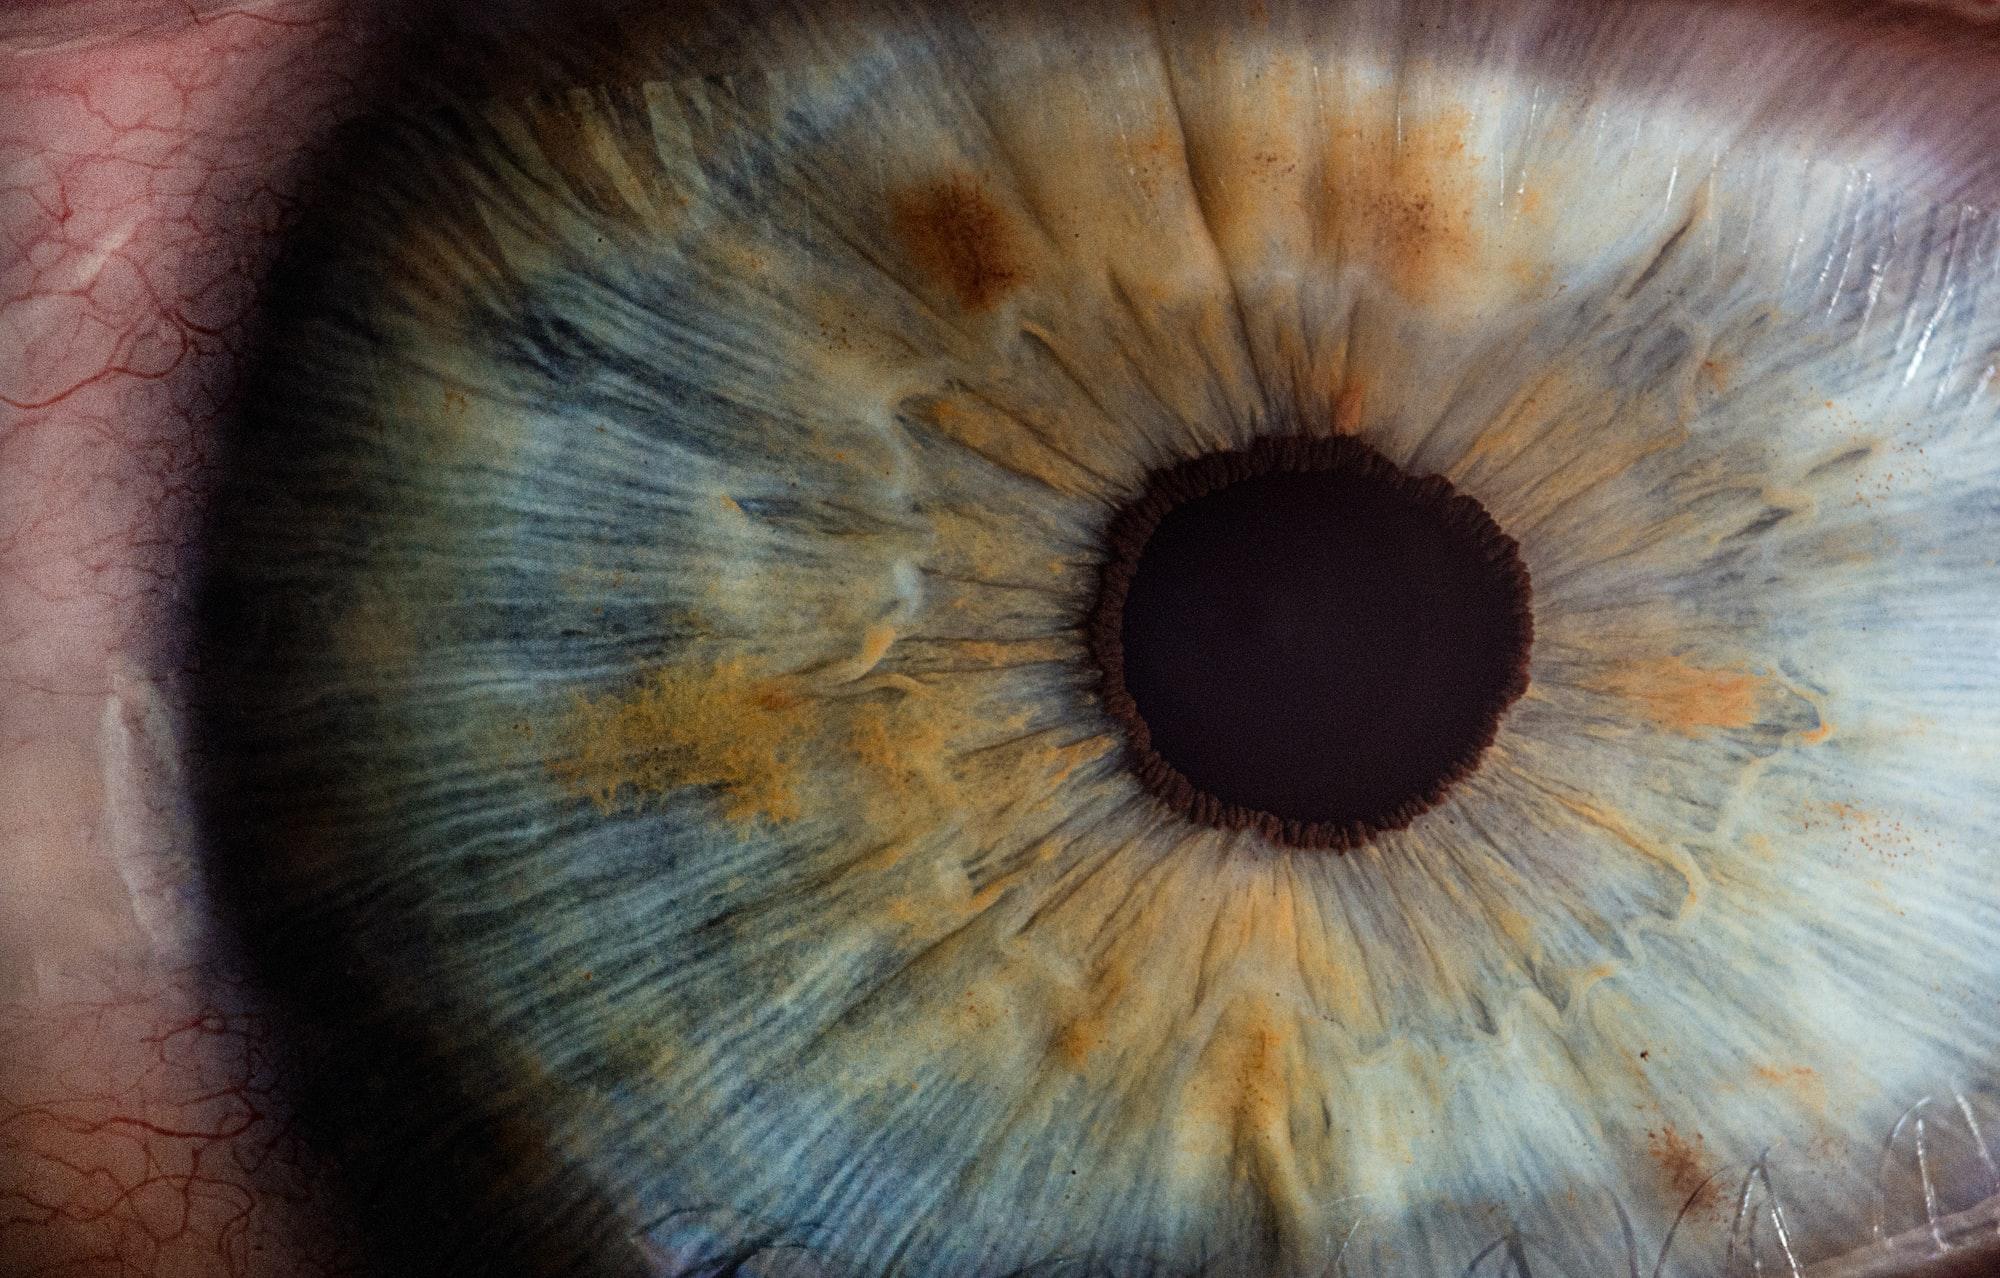 """Elektrodové implantáty v mozku umožní nevidomým lidem """"vidět"""" písmena a jednoduché tvary"""